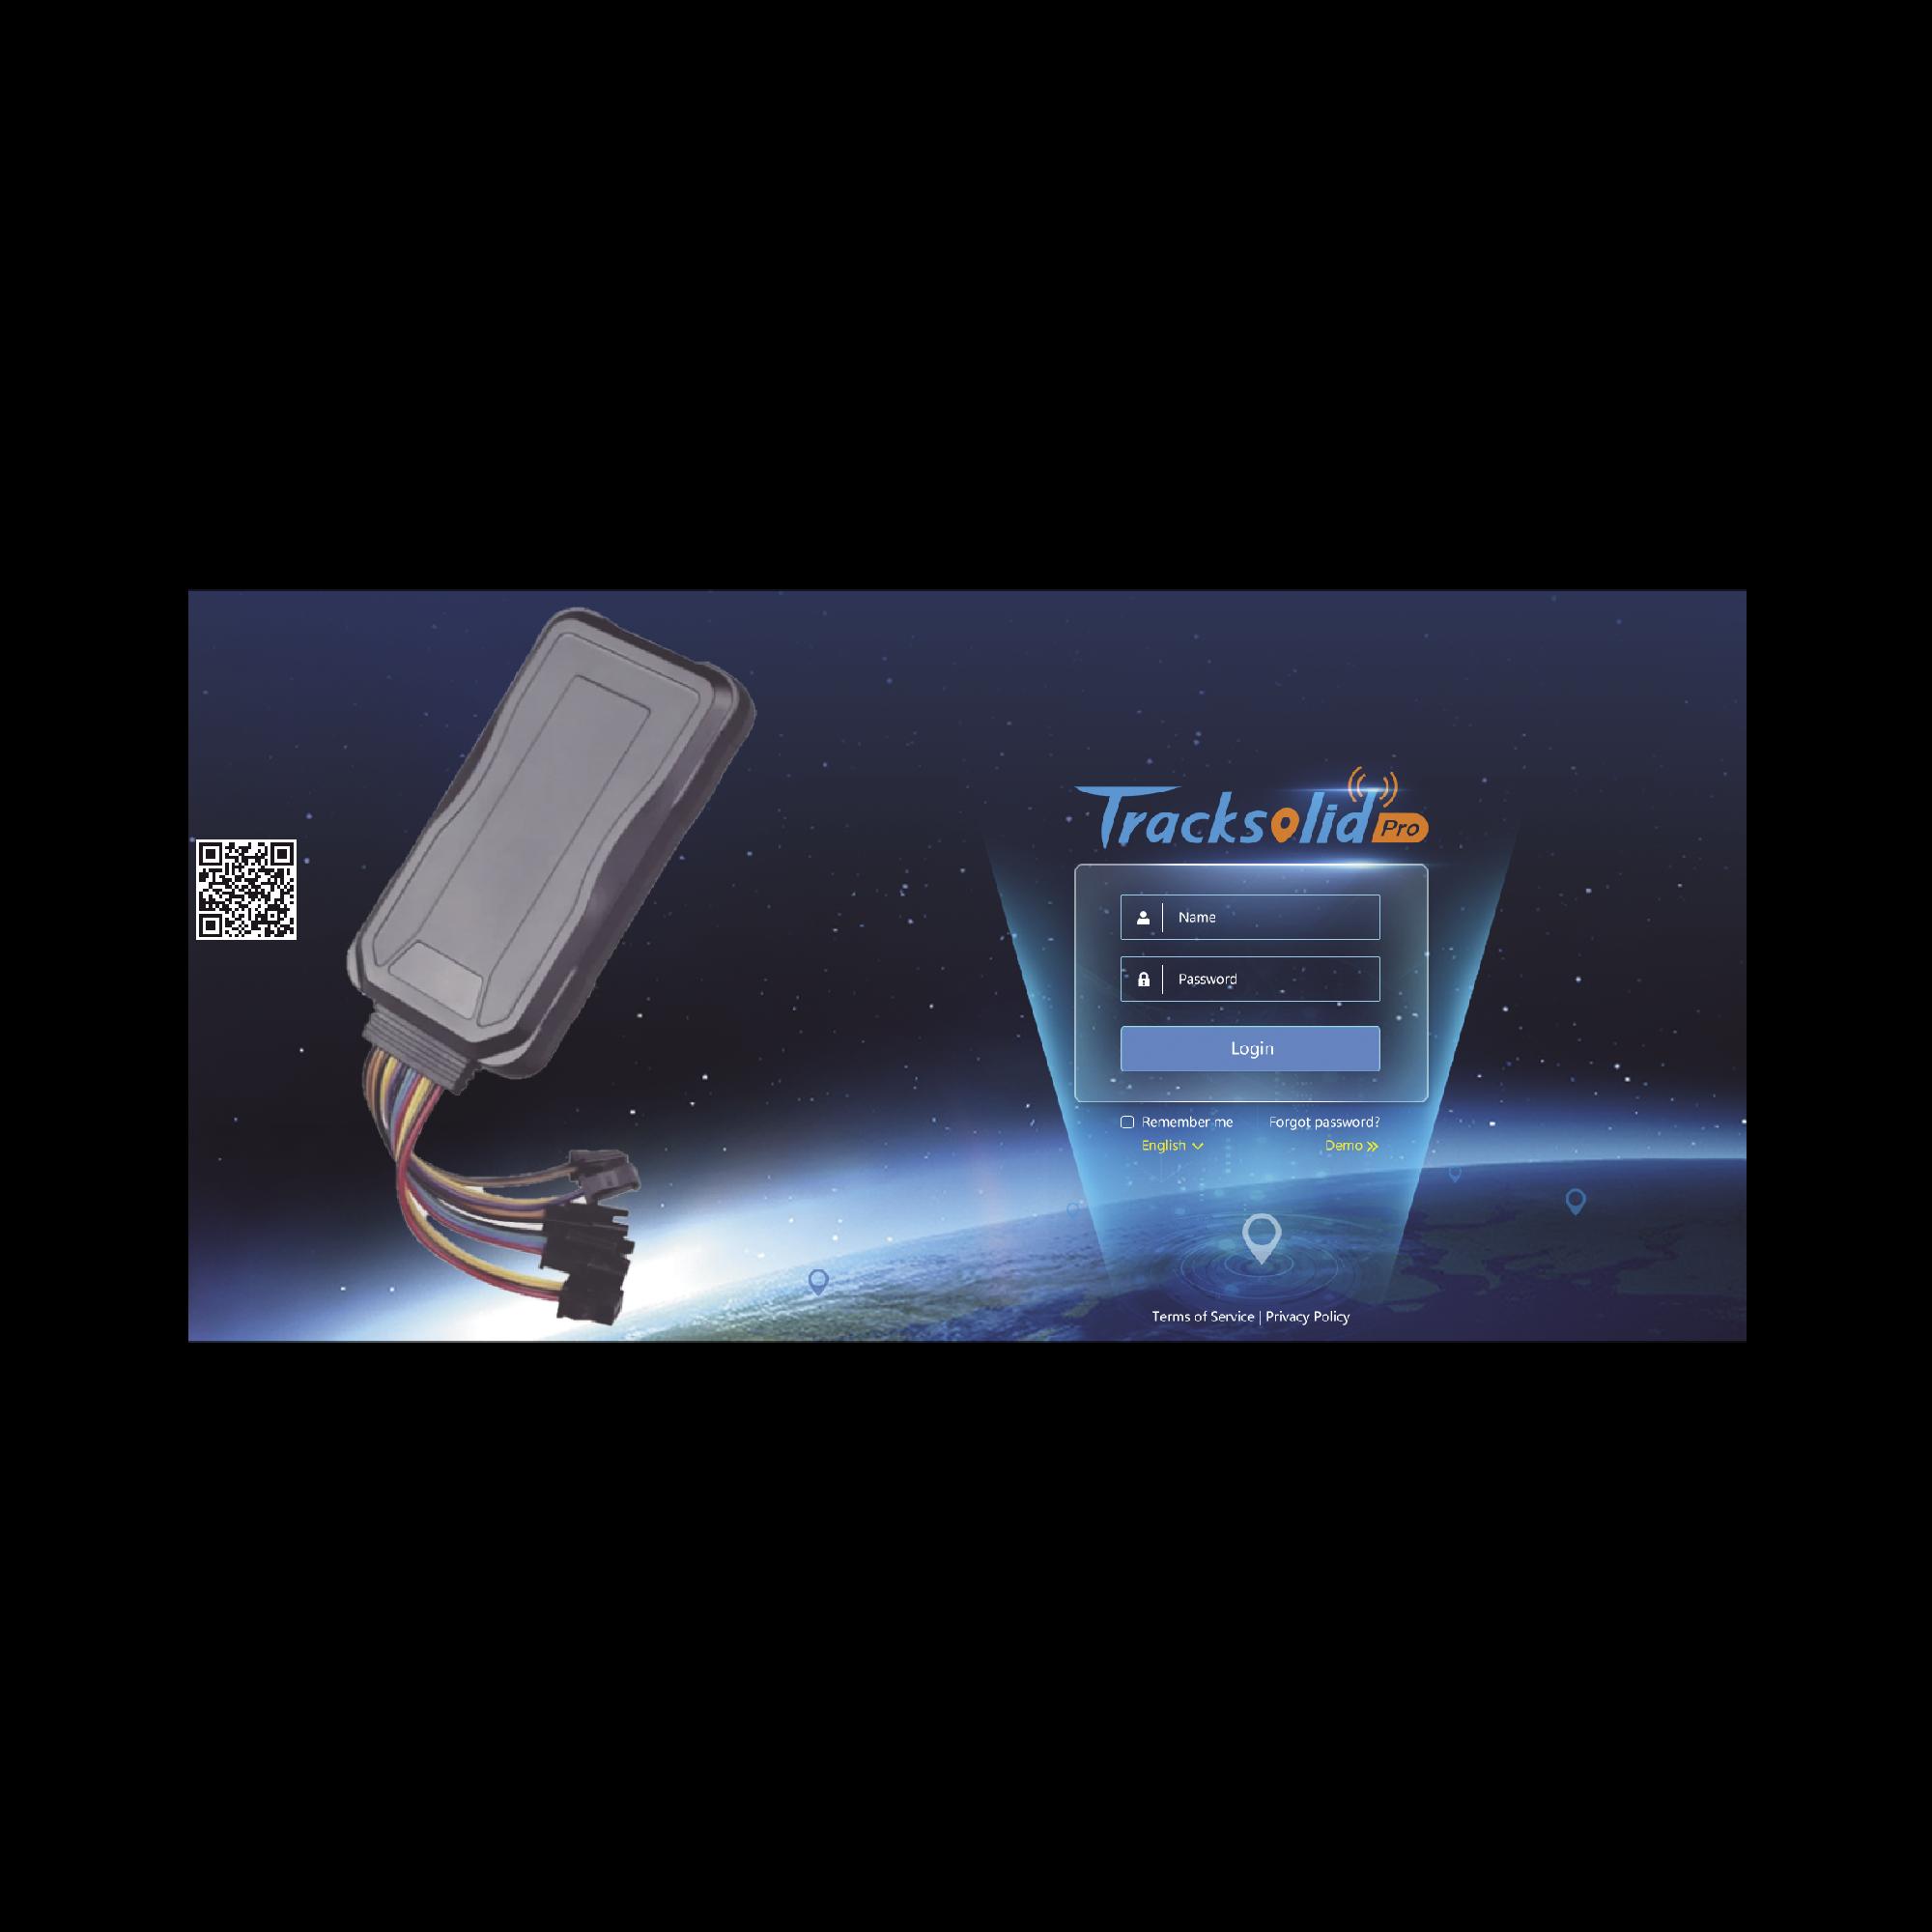 Kit de localizador vehicular que incluye un GPS modelo GT06E + Primera licencia de plataforma TRACKSOLID